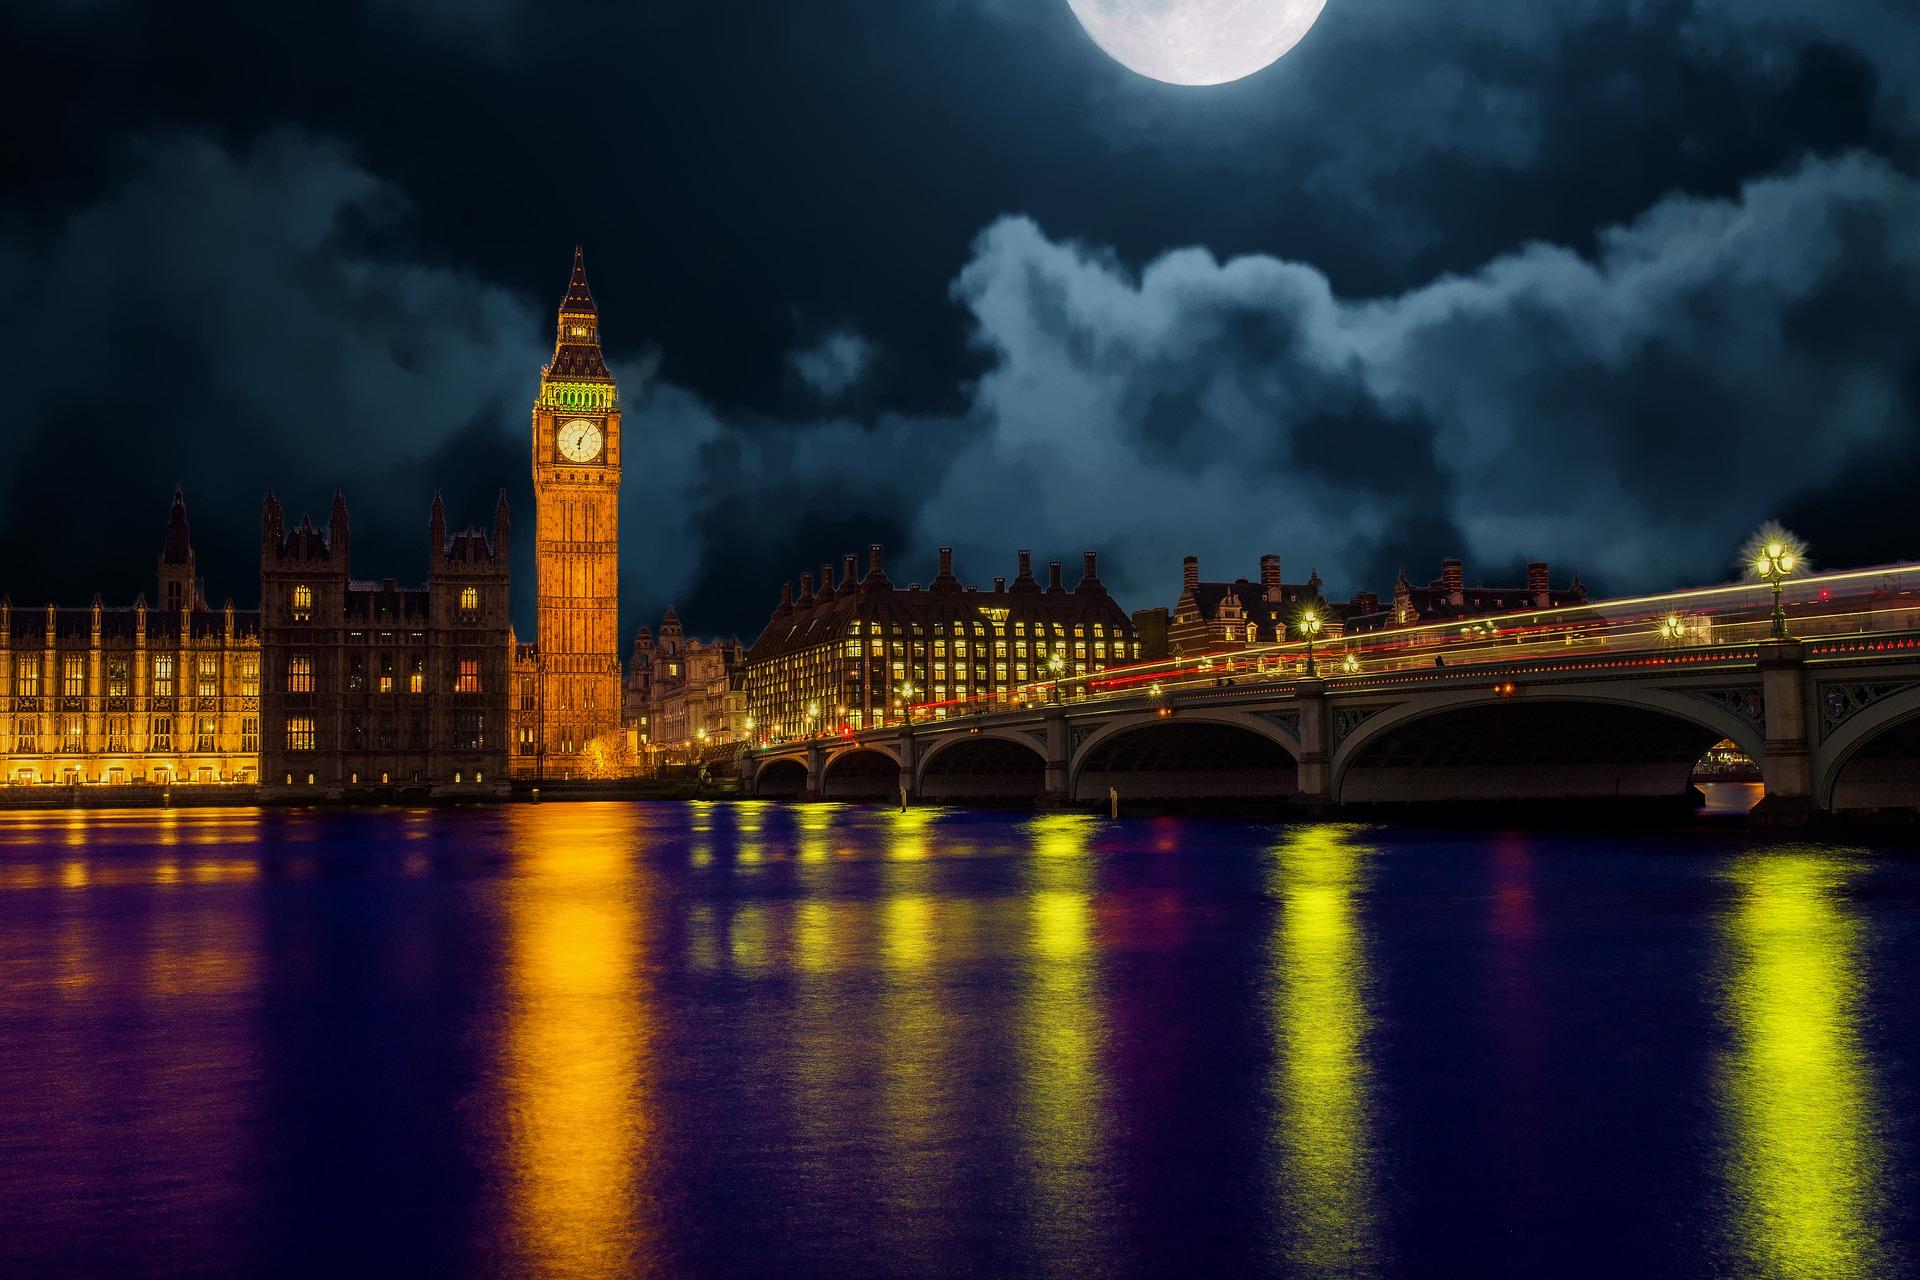 london-2262915_1920.jpg